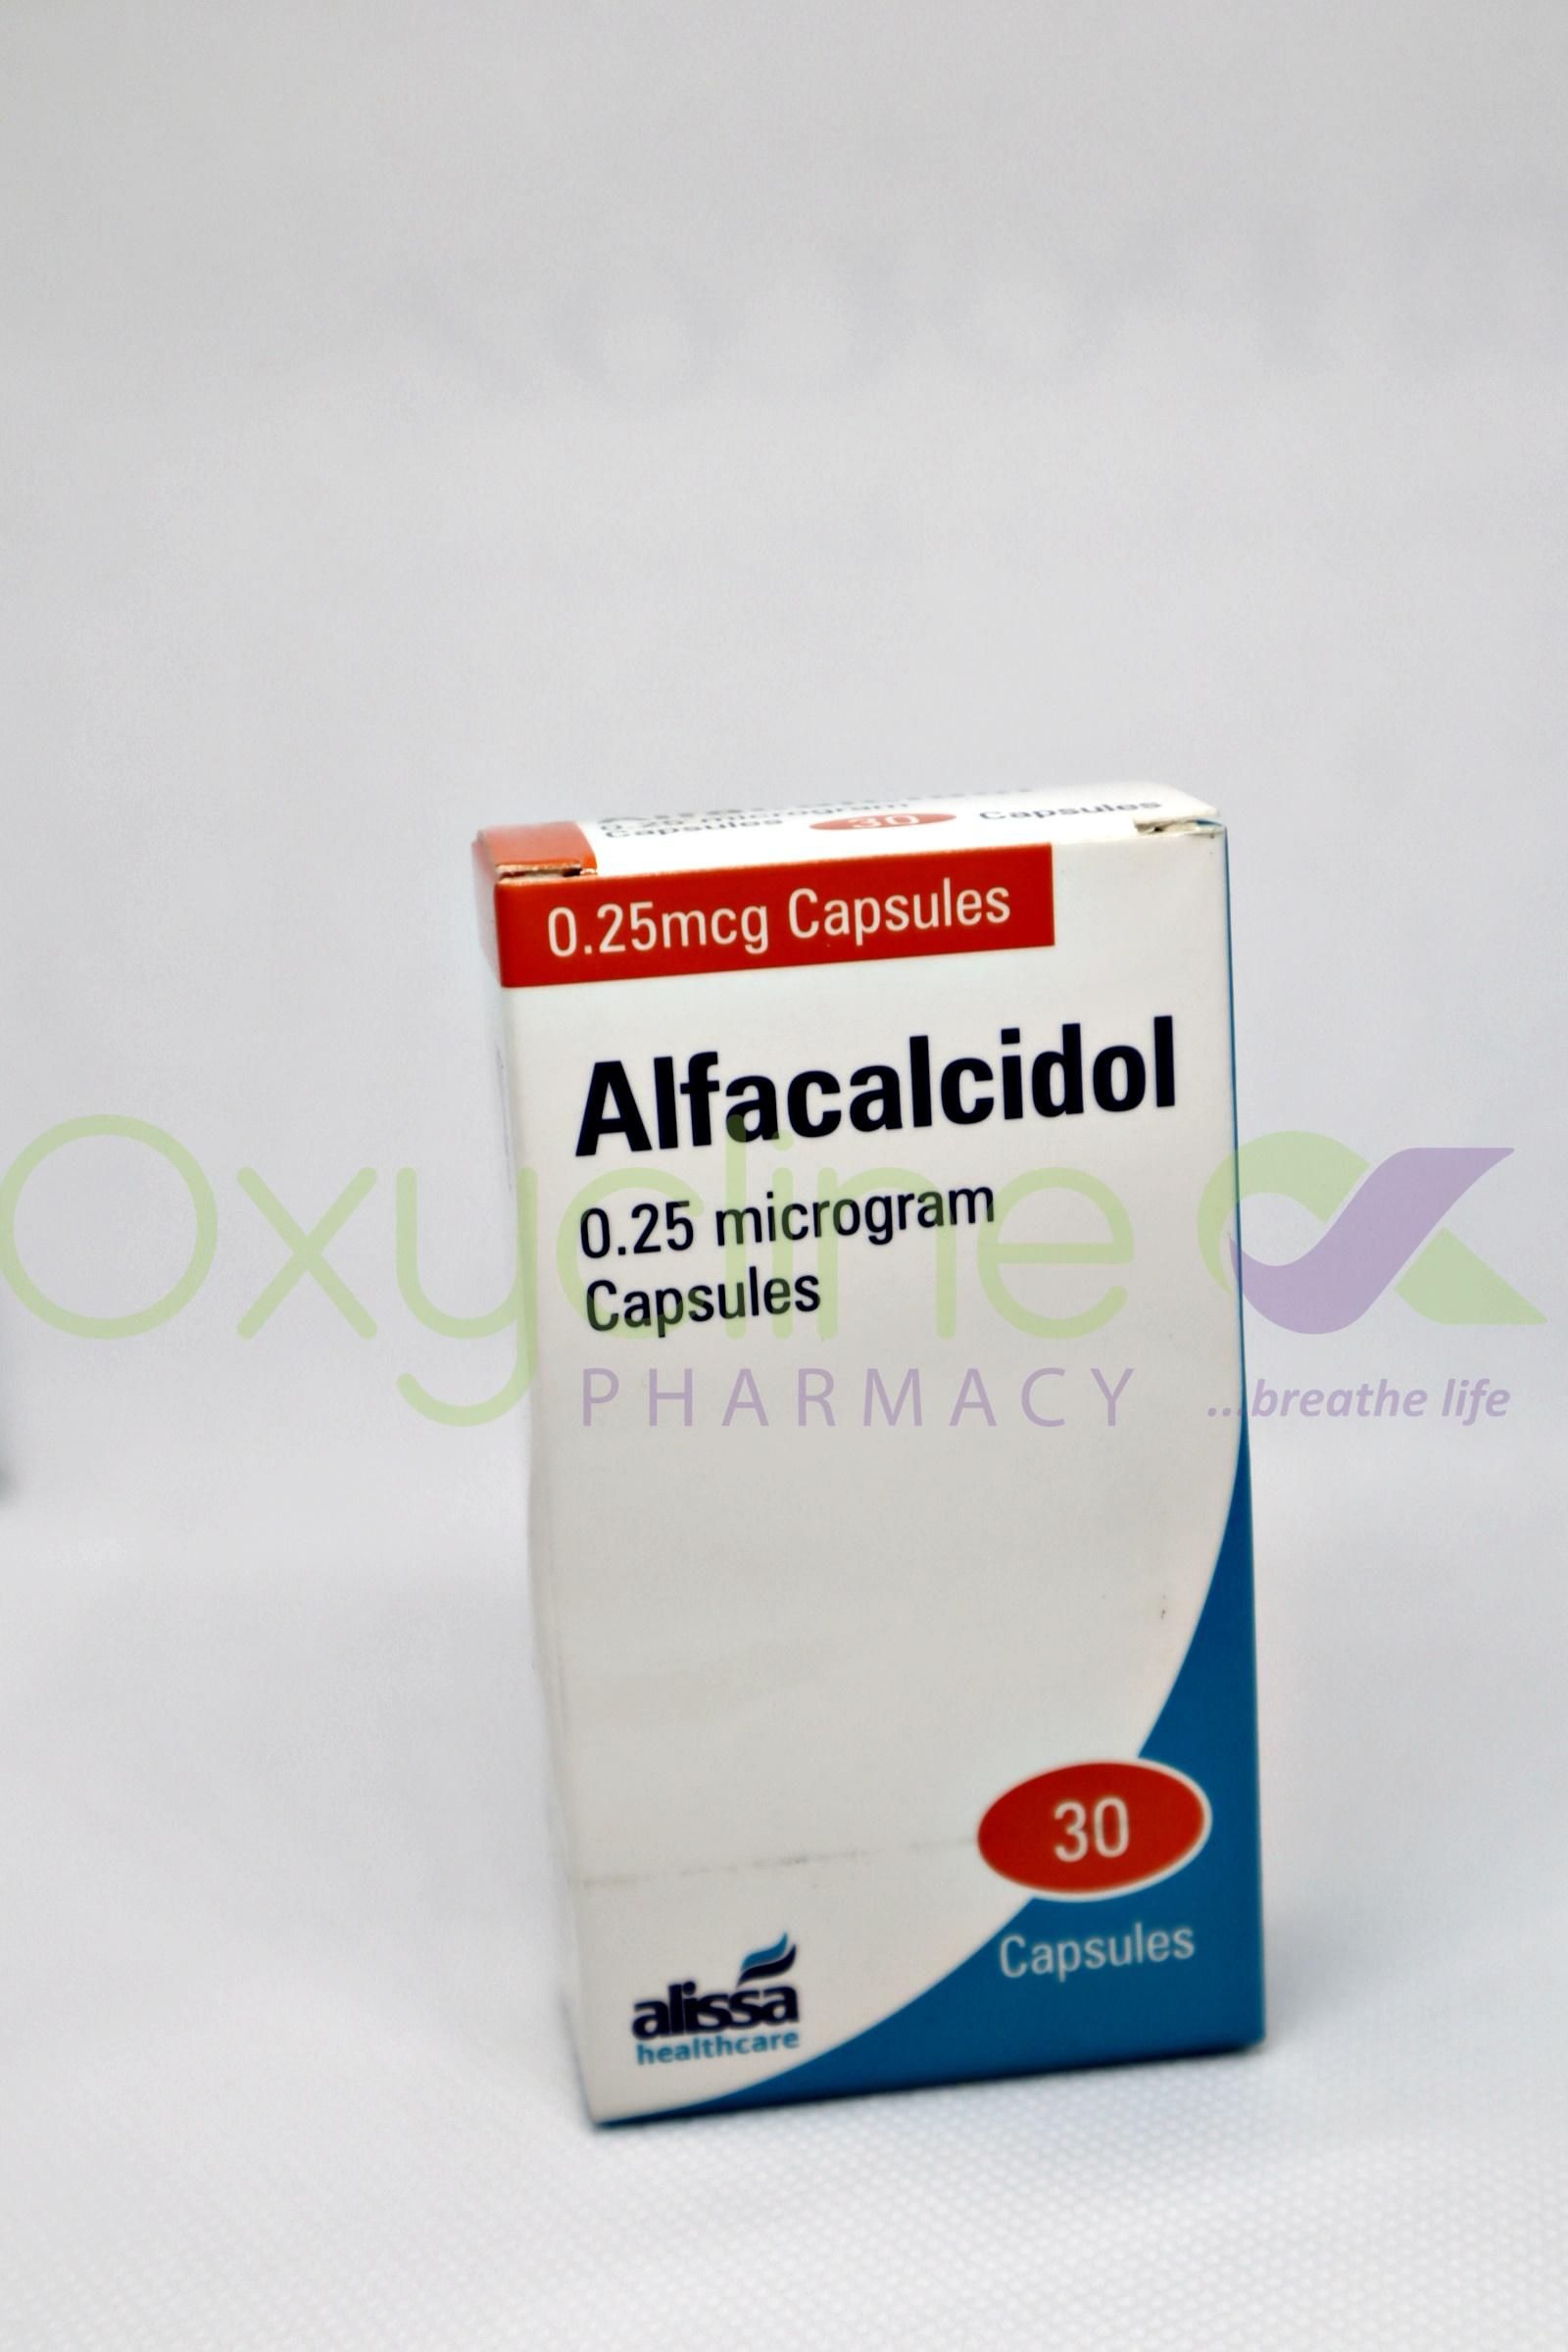 Alfacalcidiol 0.25mcg